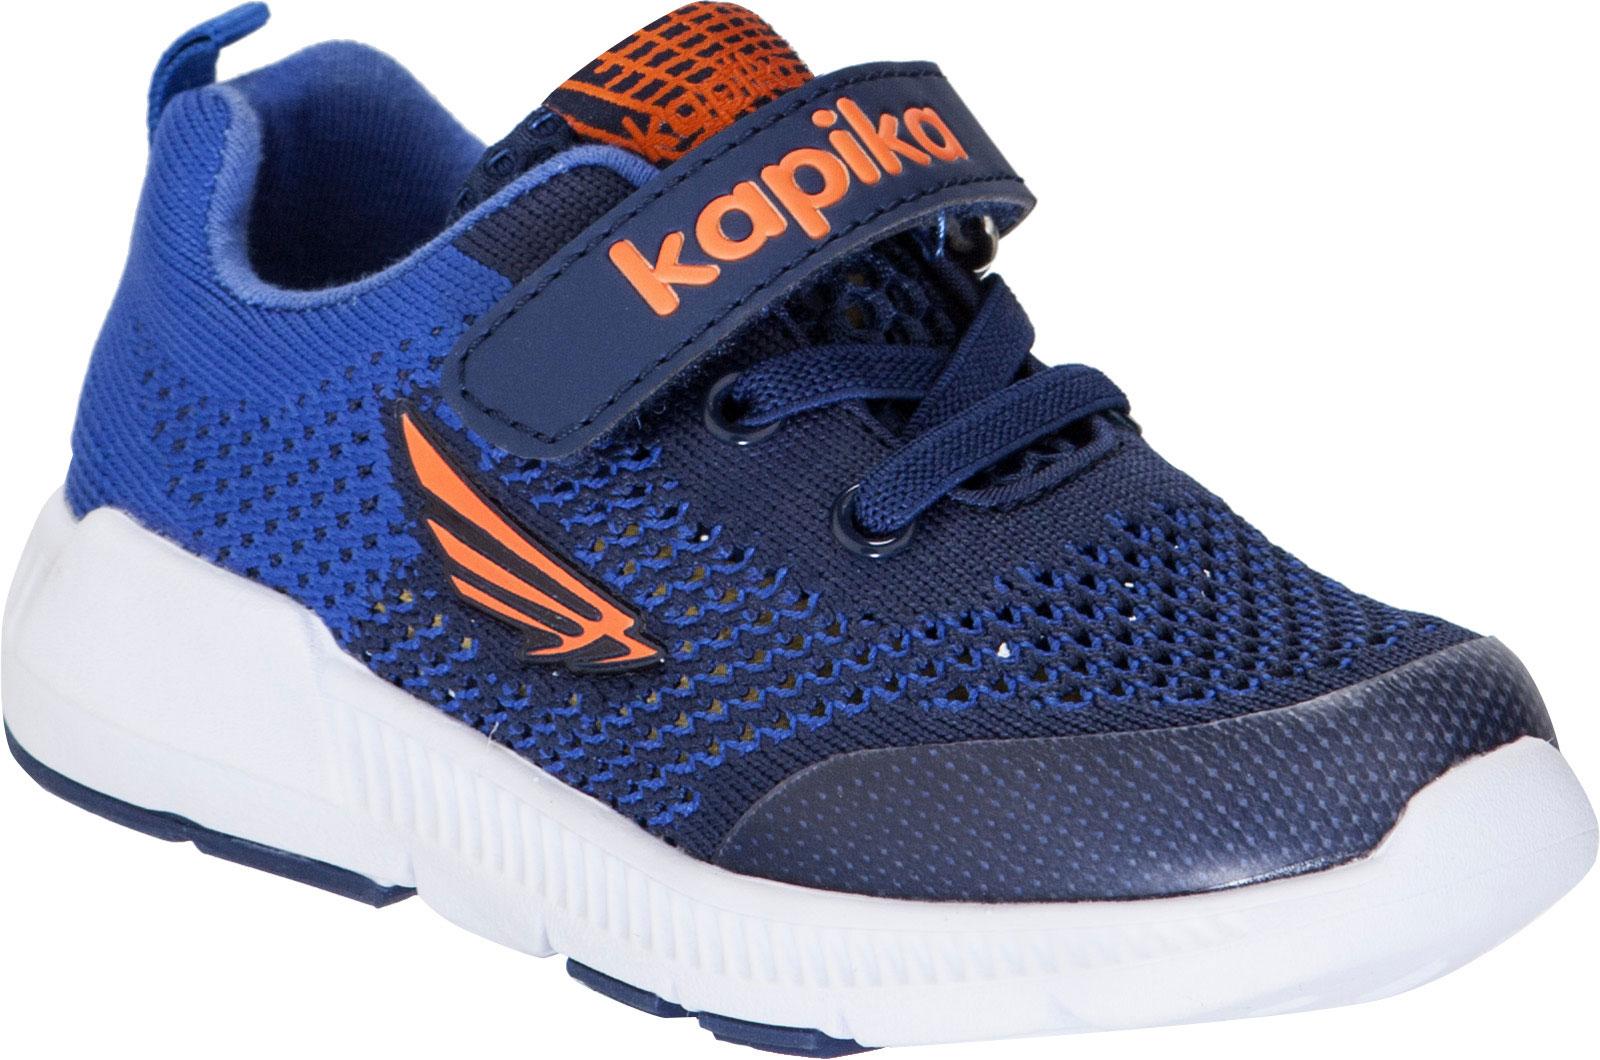 Кроссовки для мальчика Kapika, цвет: темно-синий. 71095-2. Размер 2871095-2Кроссовки от Kapika займут достойное место в гардеробе вашего ребенка! Модель изготовлена из текстиля и искусственной кожи. Классическая шнуровка и хлястик на липучке, обеспечивают надежную фиксацию обуви на ноге. Внутренняя поверхность из текстиля, обеспечивает комфорт и предотвращает натирание. Стелька из текстиля сохраняет комфортный микроклимат в обуви. Рифленая поверхность подошвы защищает изделие от скольжения. Стильные и в то же время удобные кроссовки - необходимая вещь в гардеробе каждого ребенка.